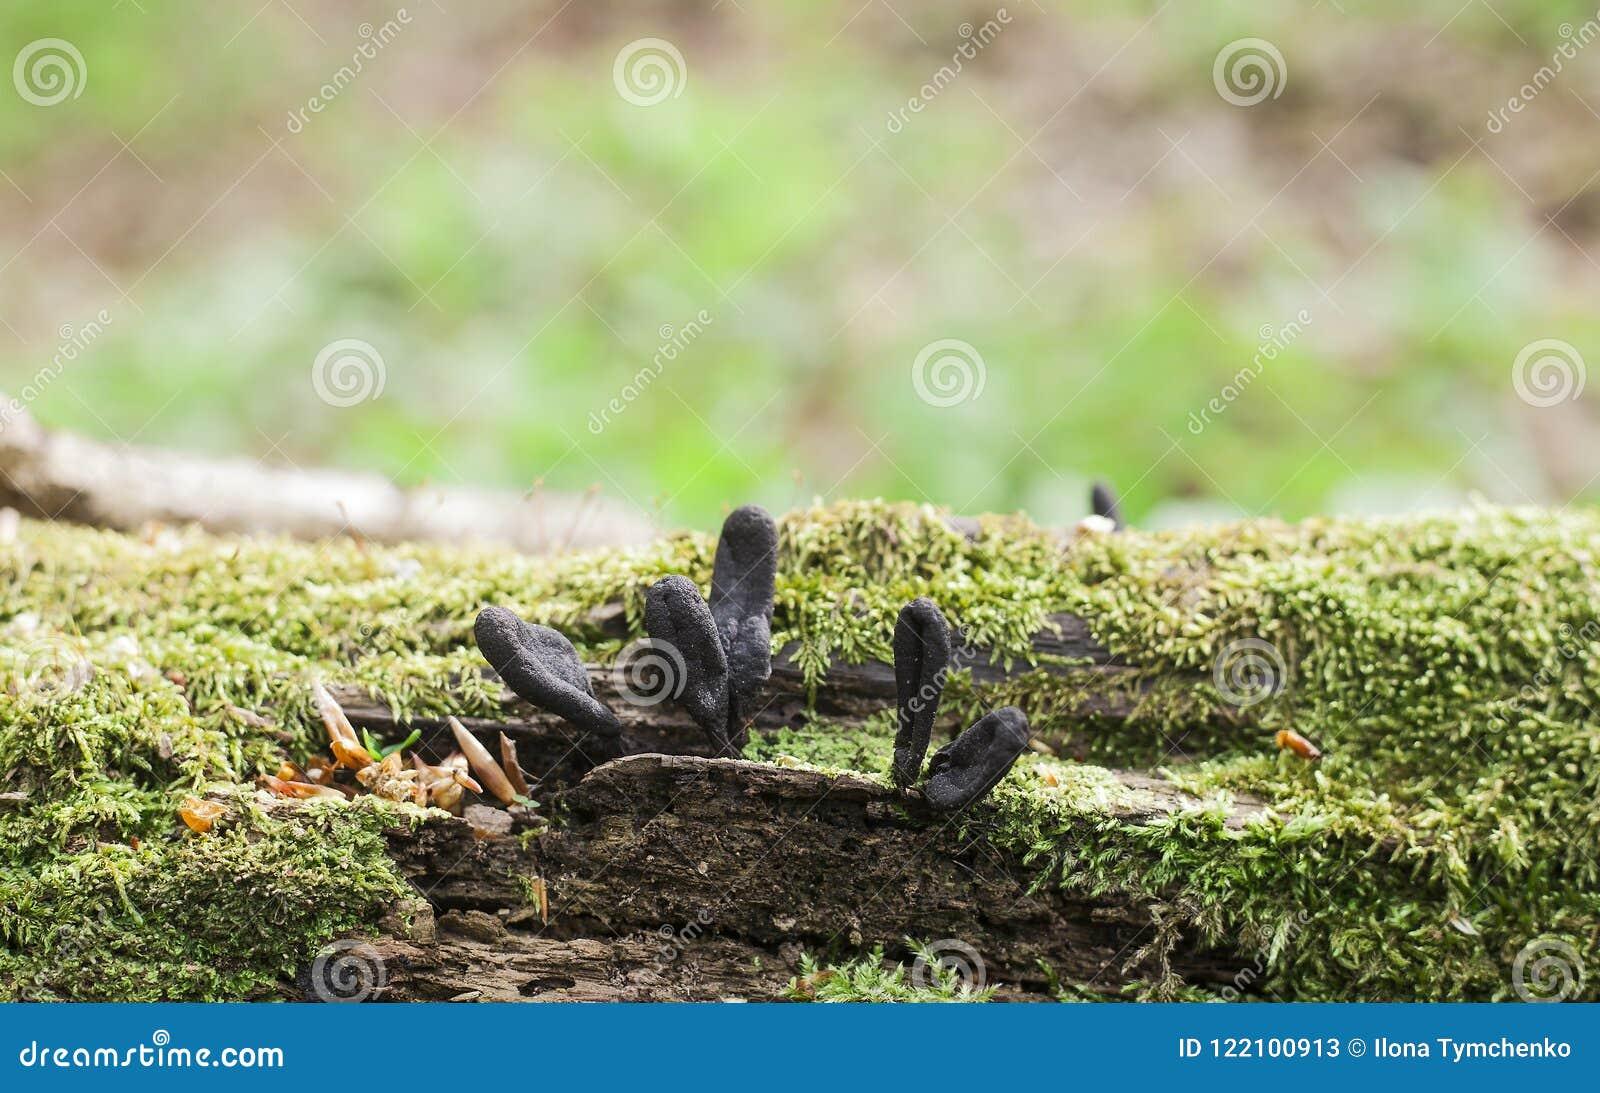 Dead mans fingers mushrooms on fallen tree